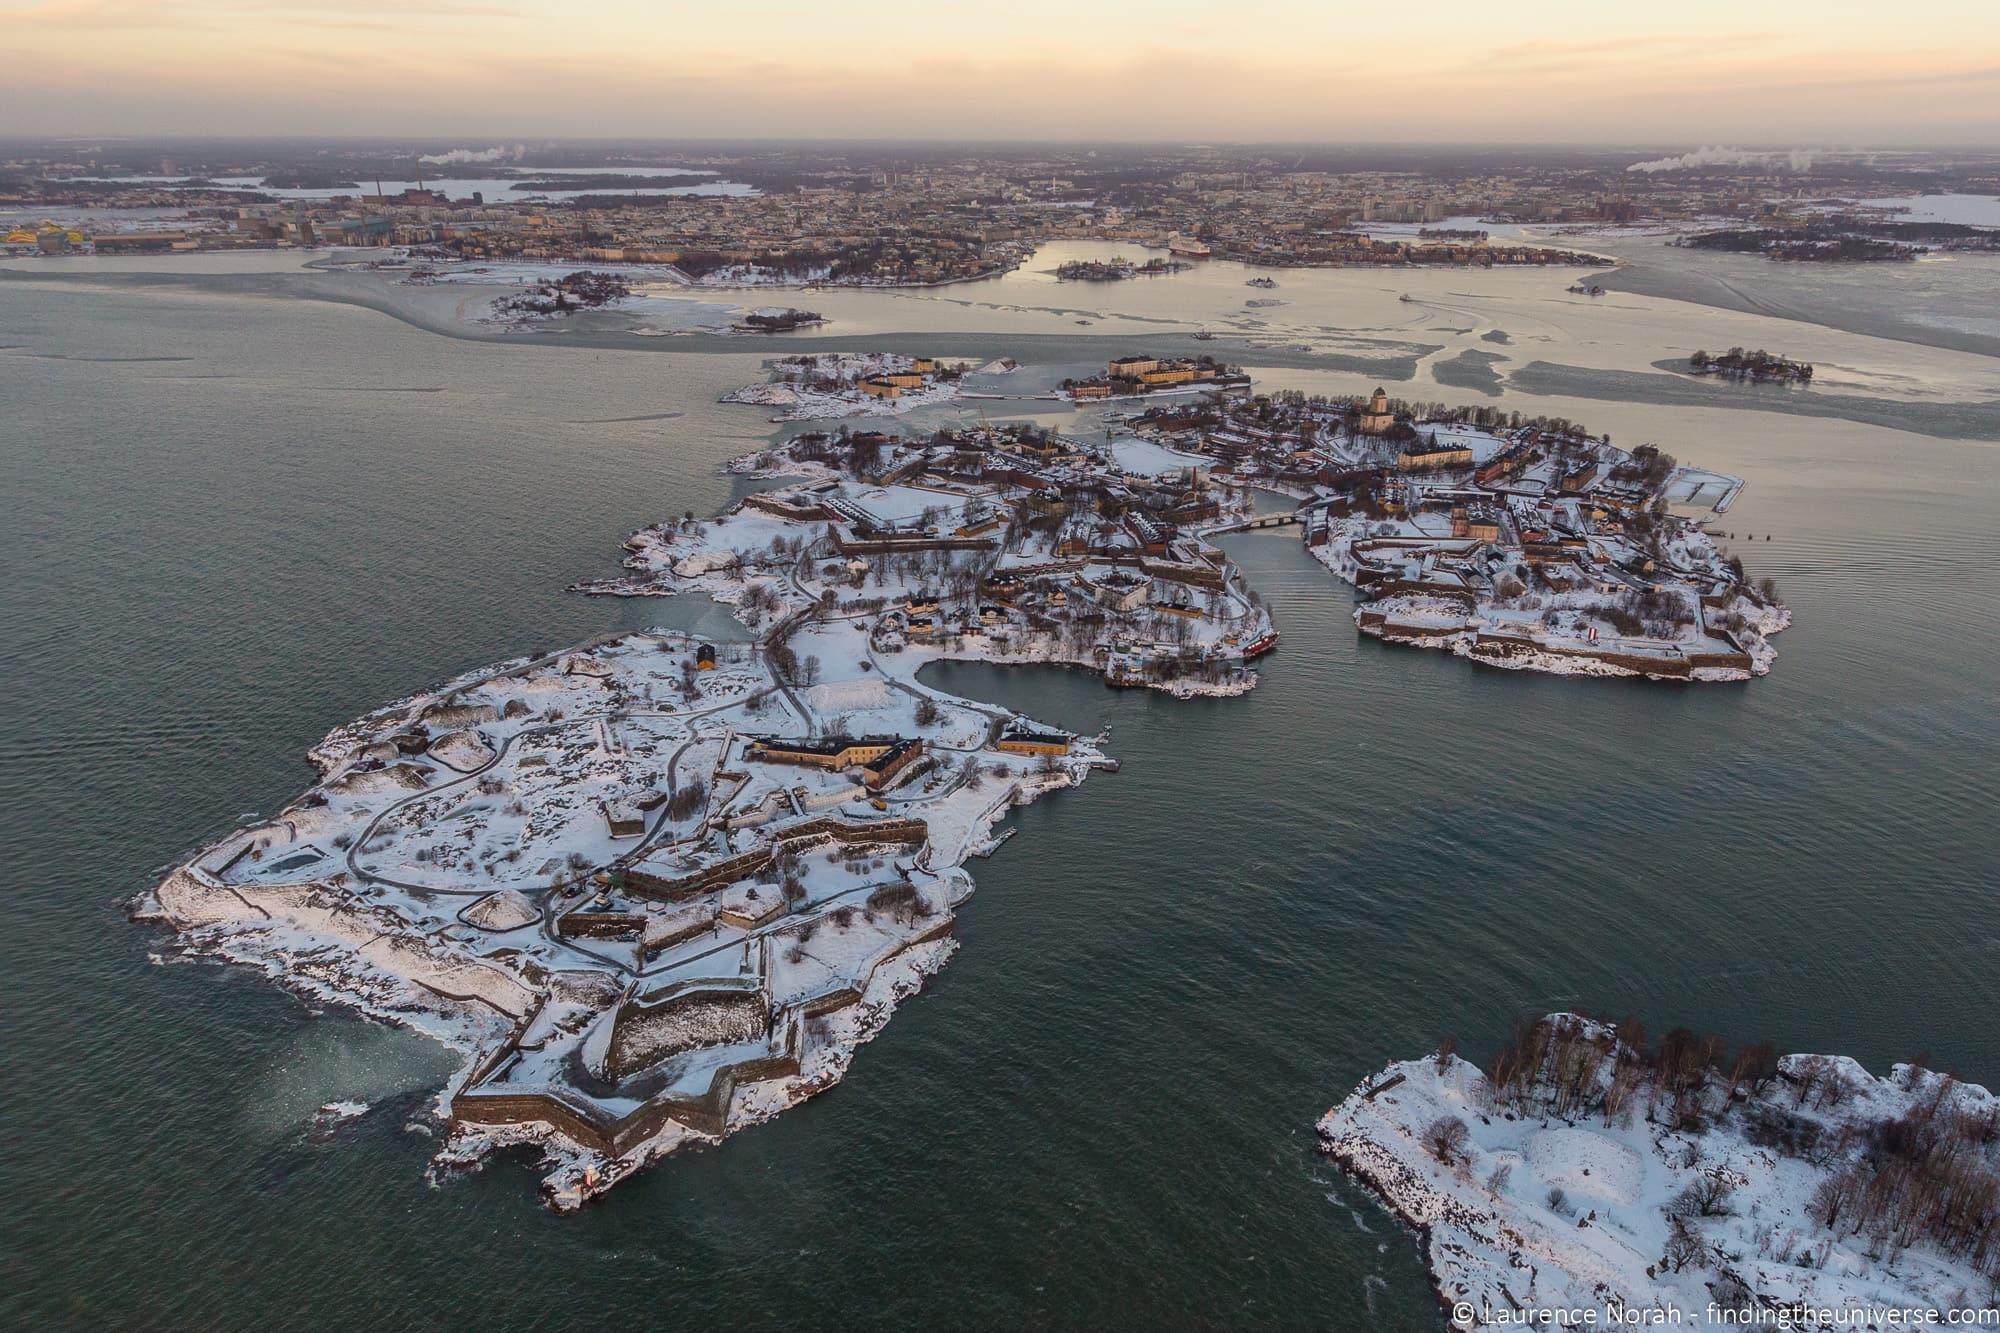 Suomenlinna Sea Fortress Aerial View